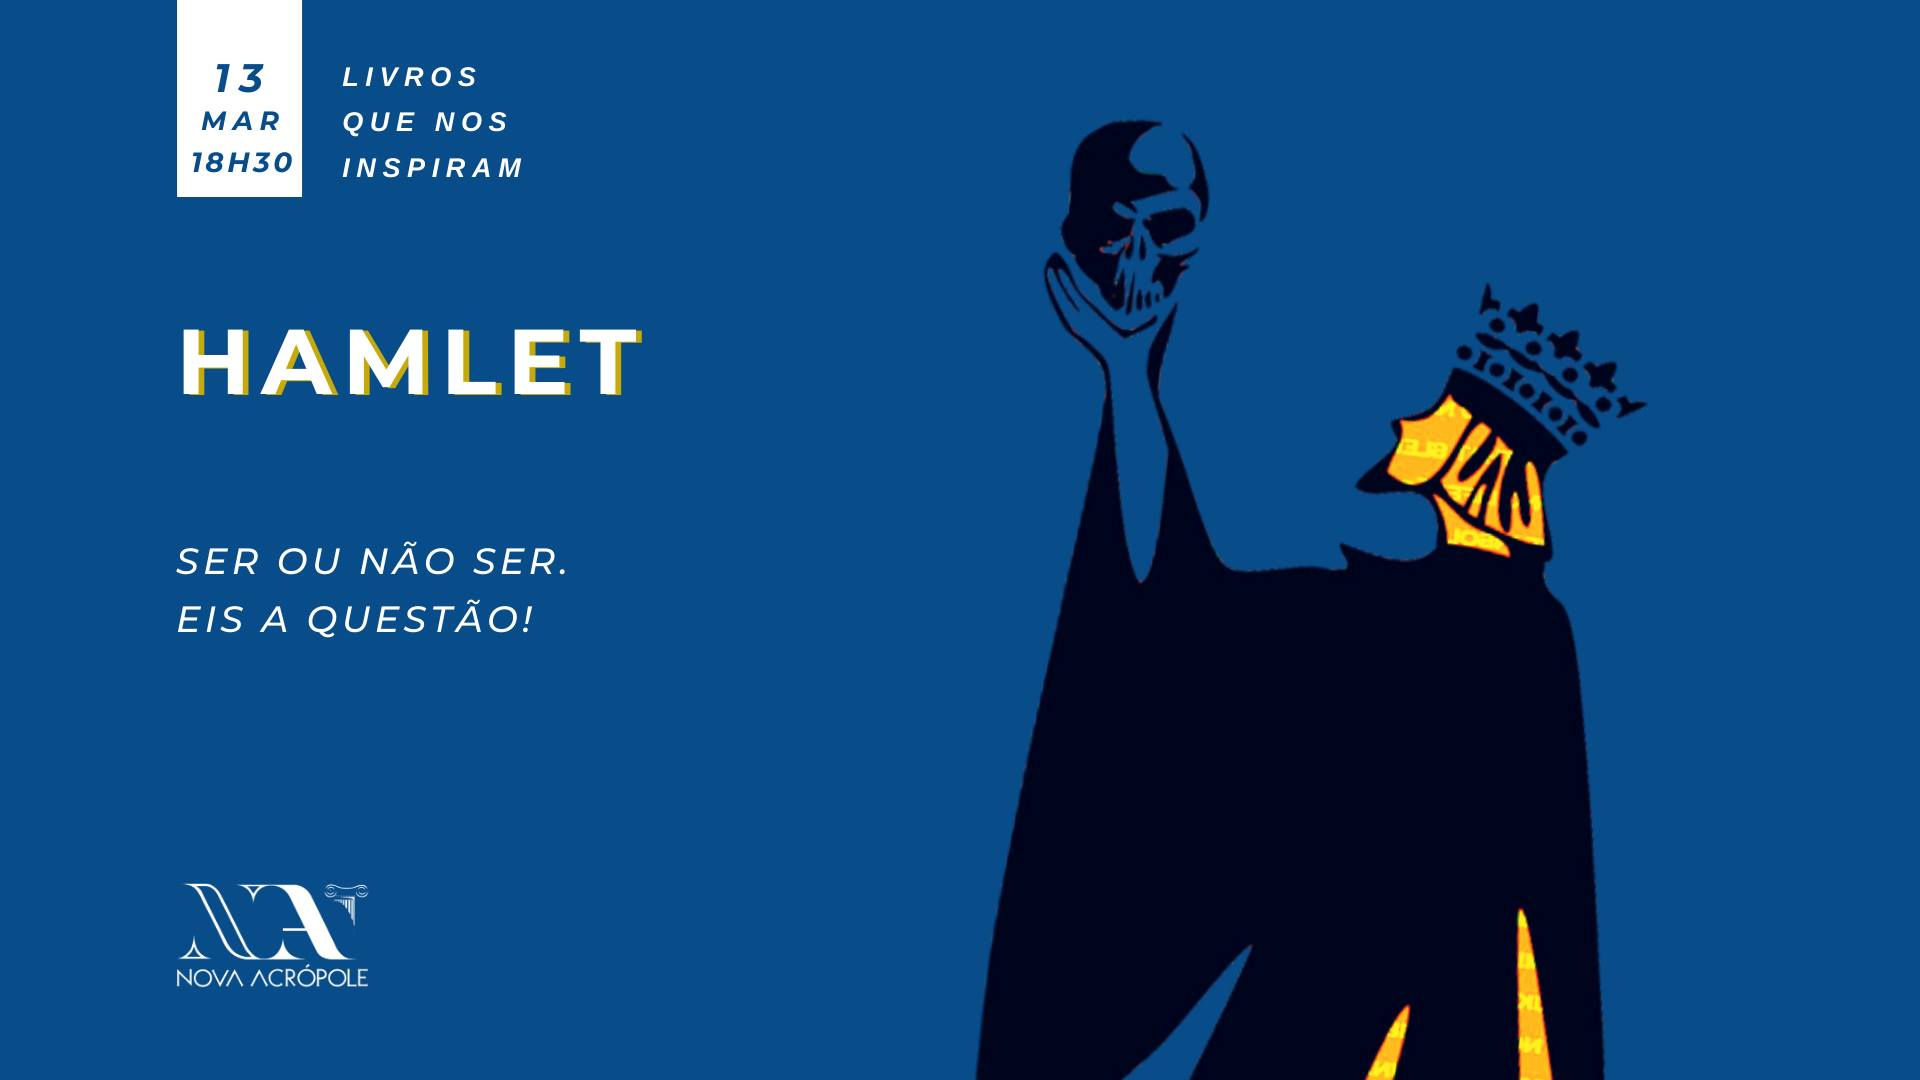 Livros que nos inspiram - Hamlet